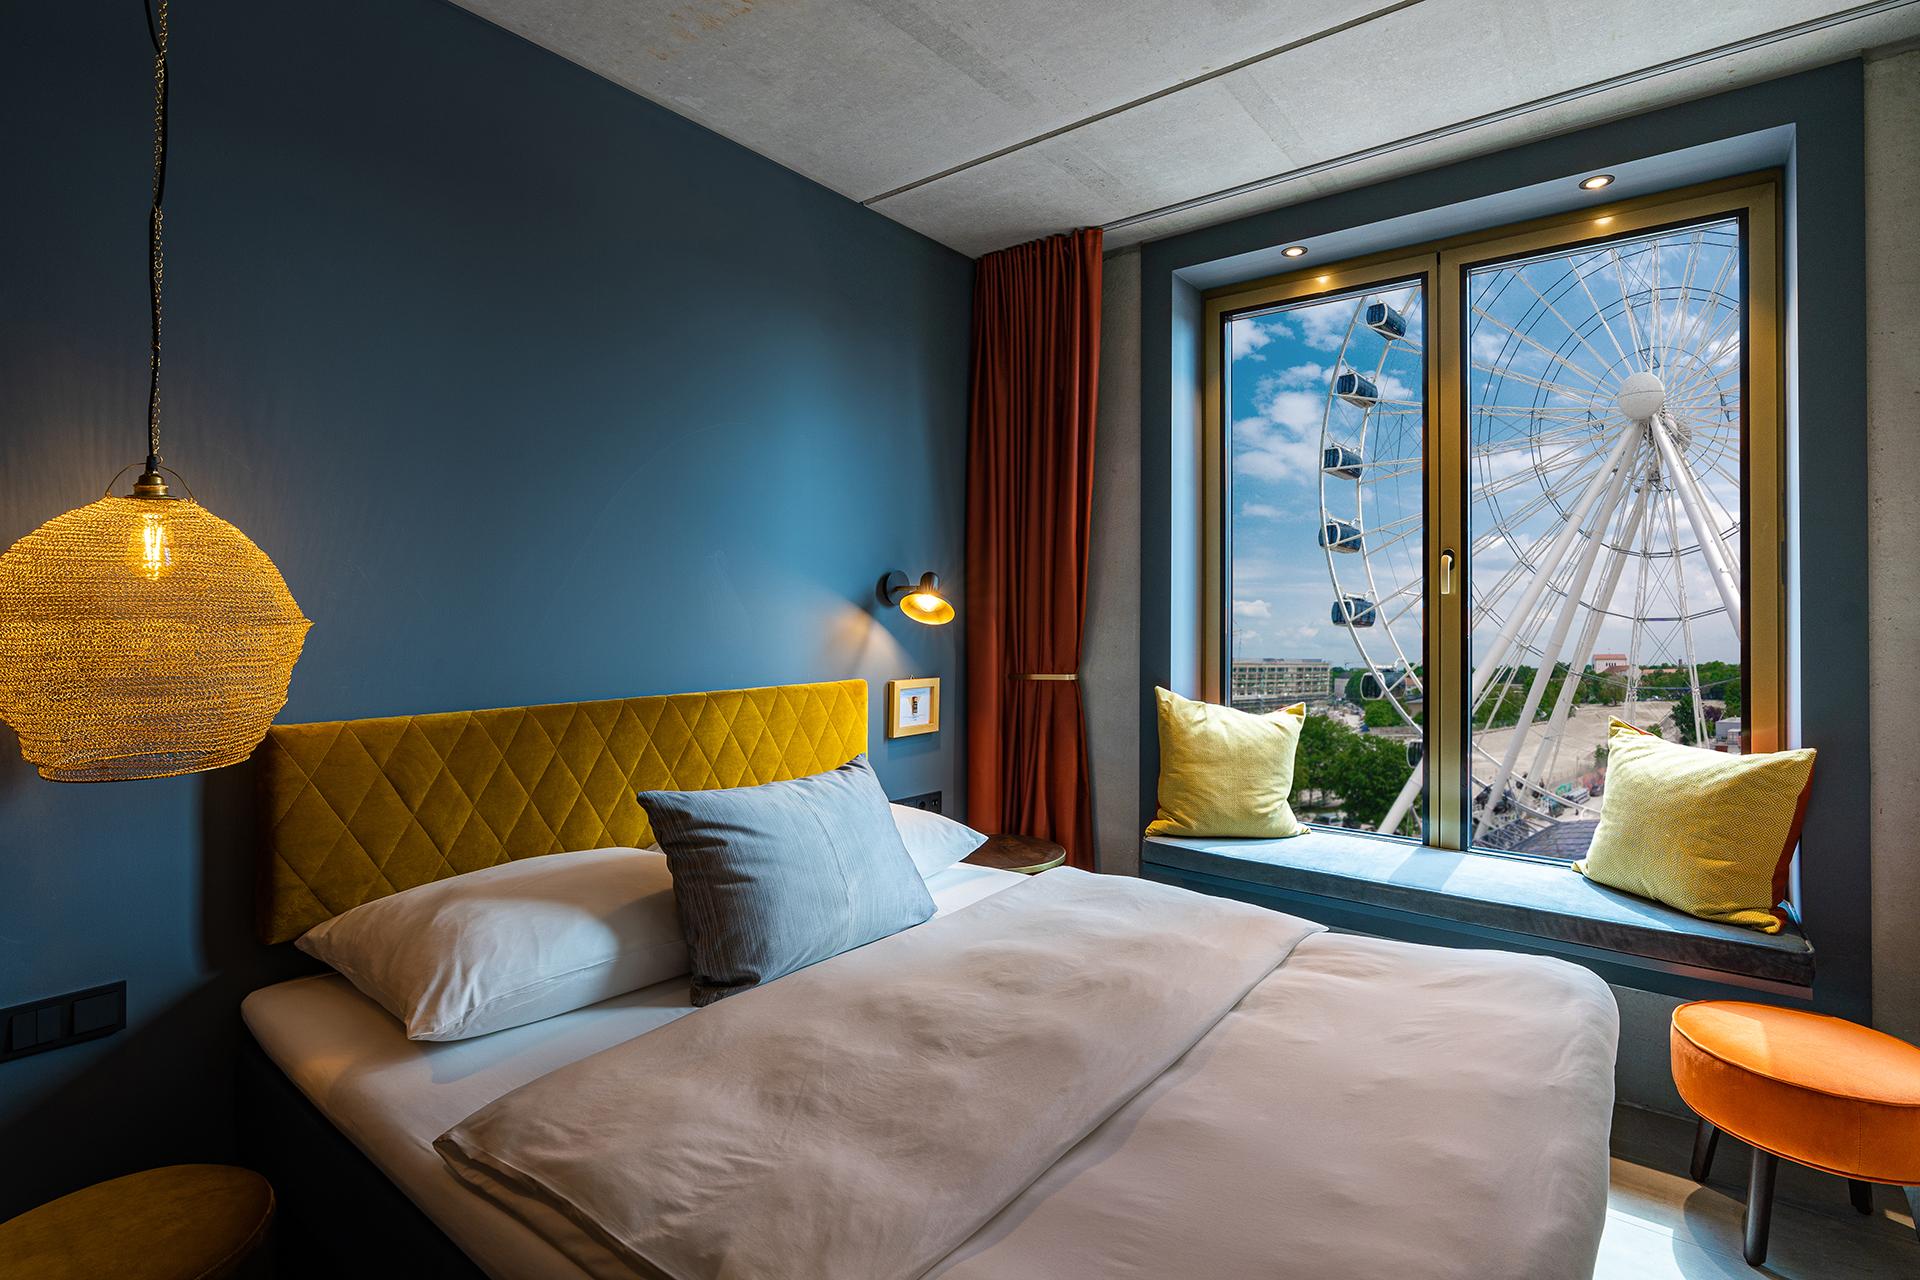 Zimmer im gambino hotel WERKSVIERTEL